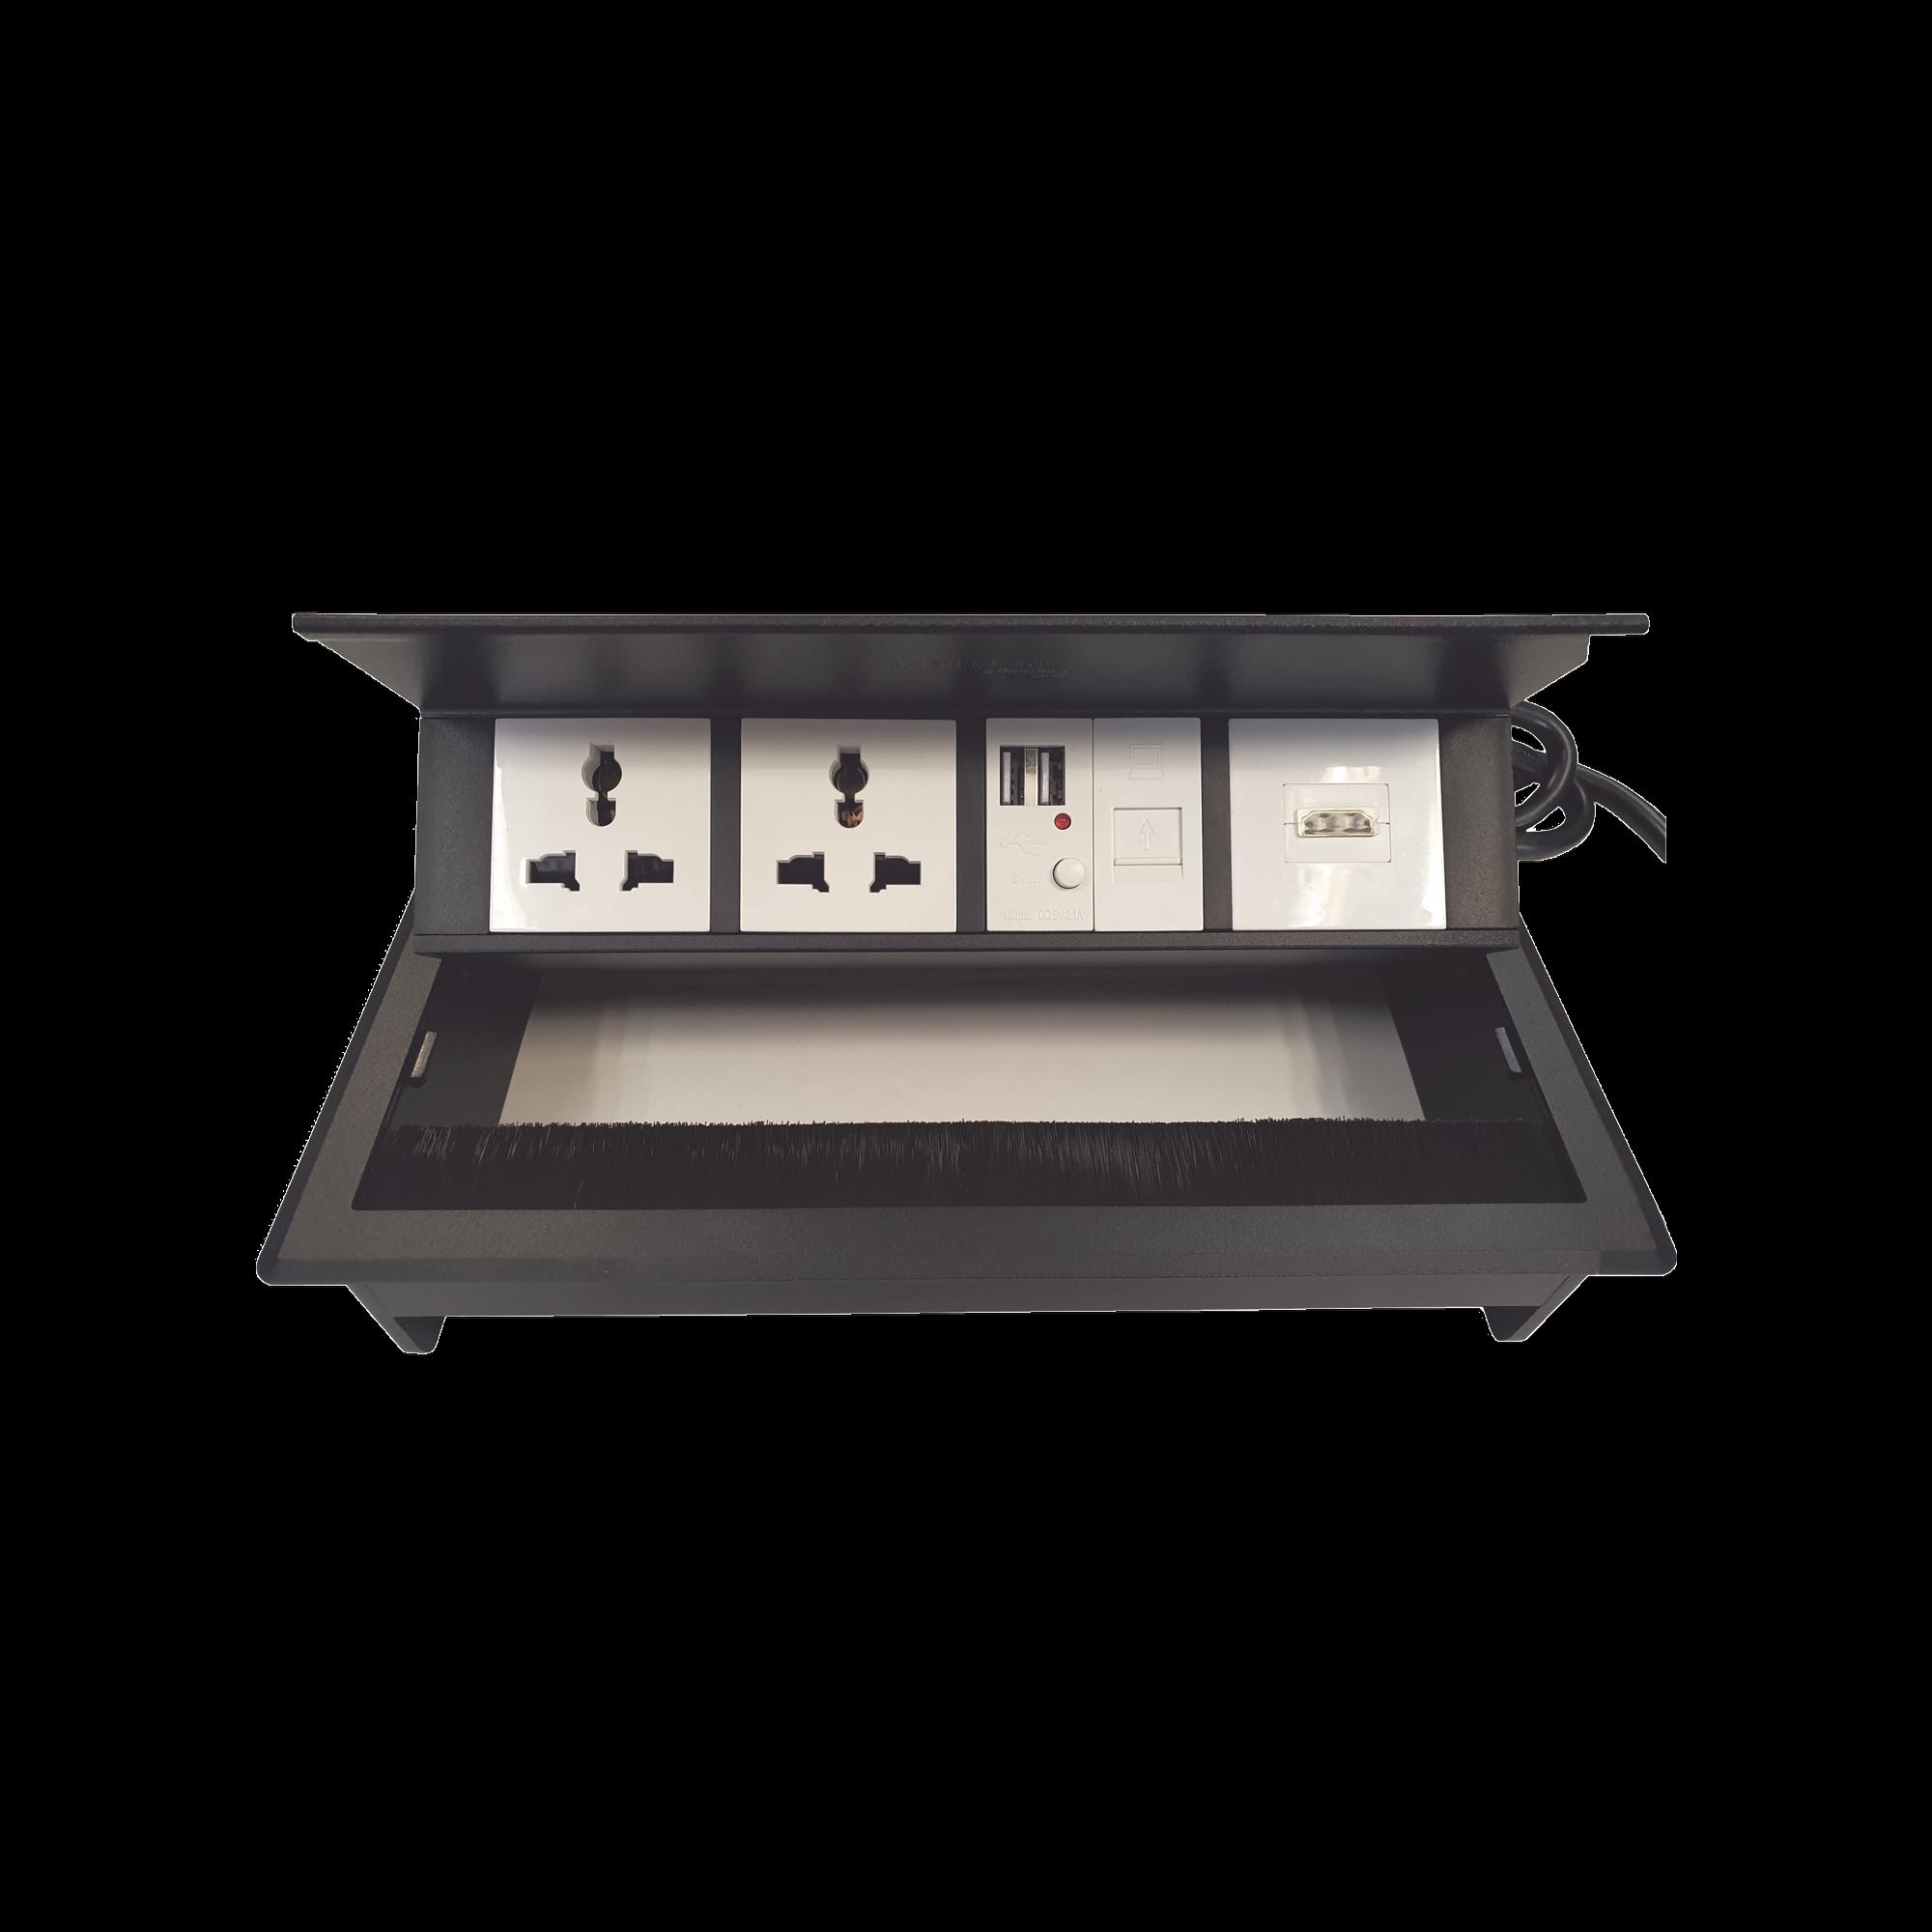 Caja Horizontal tipo Hub para escritorio color negro, con 1 Puerto HDMI Hembra-Hembra, 1 puerto RJ45 Cat6,  2 Puertos USB (Solo carga),  y 2 Contactos eléctricos universales